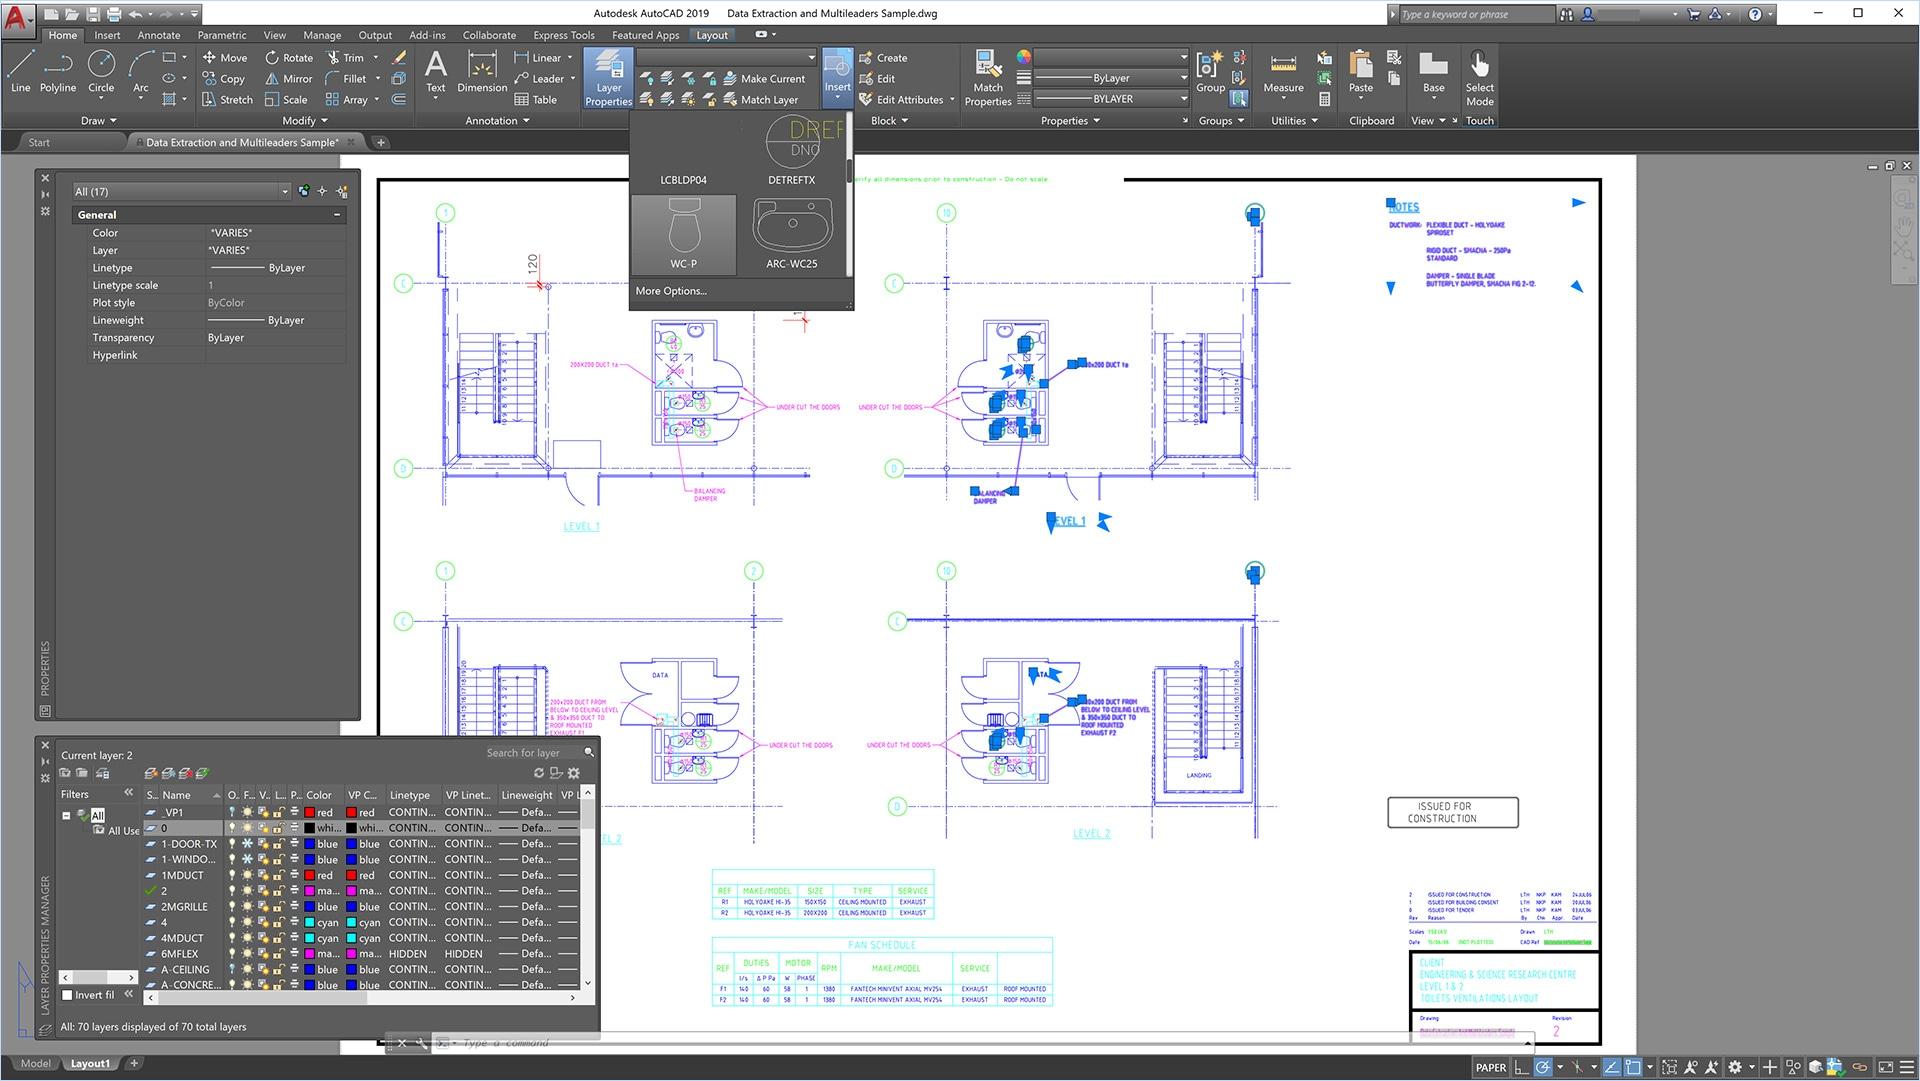 Nouveaut s d 39 autocad 2019 fonctionnalit s autodesk for Fenetre zoom autocad